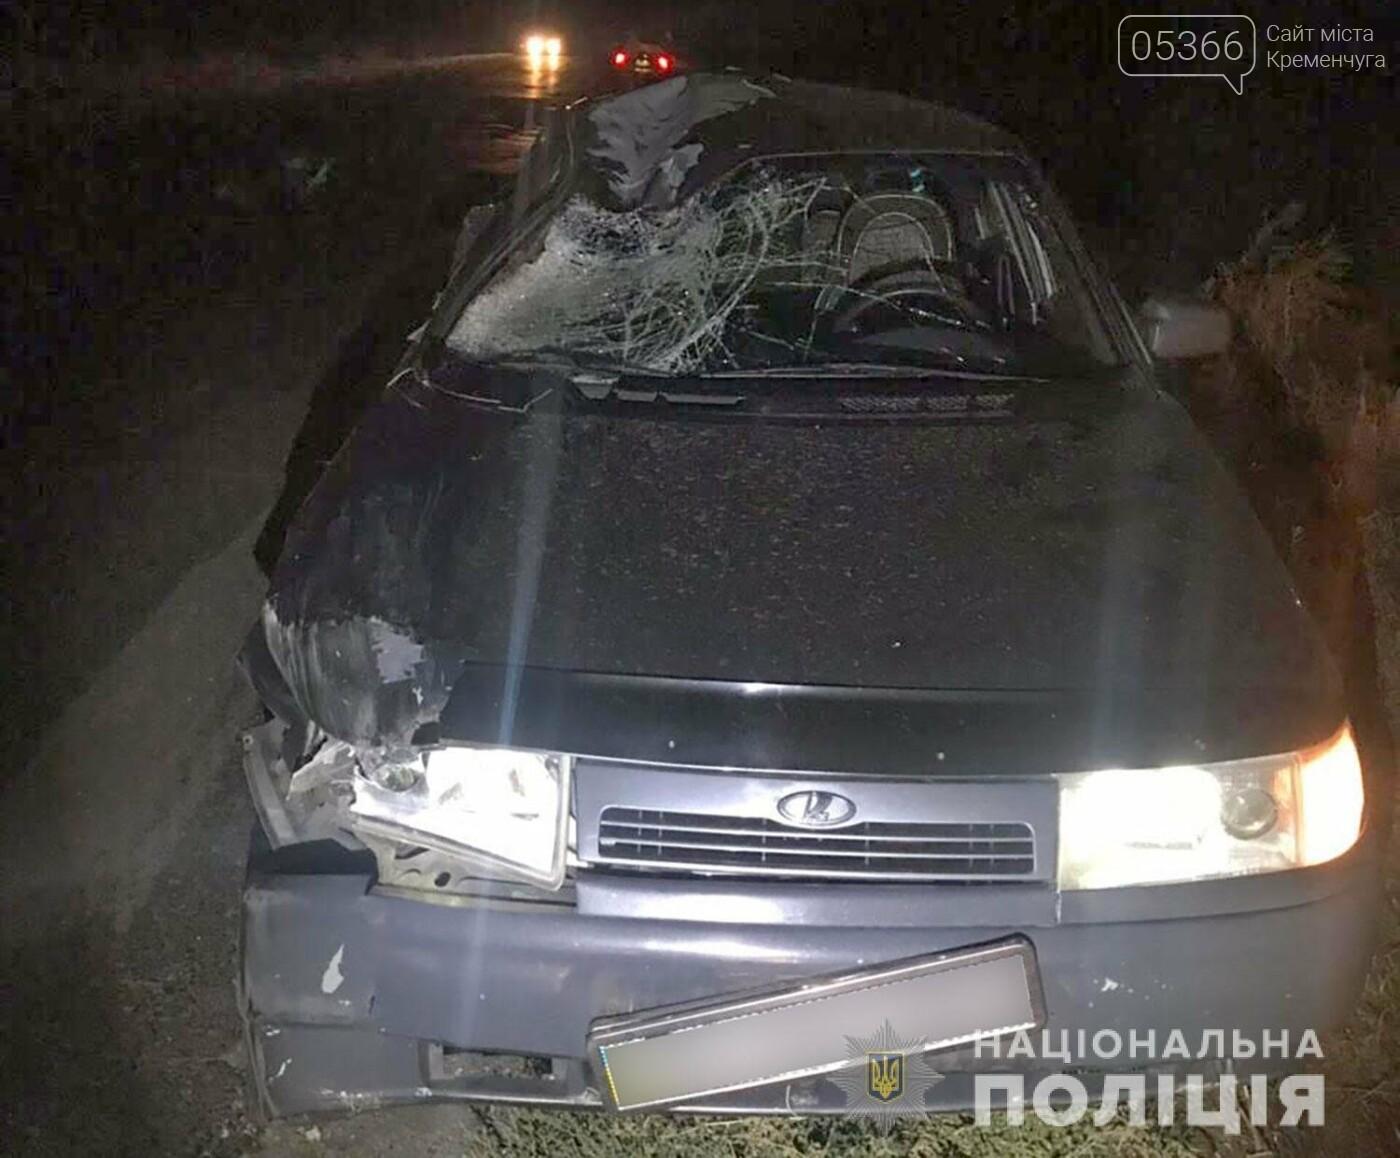 У Кременчуцькому районі сталася смертельна ДТП: пішохід помер на місці, фото-1